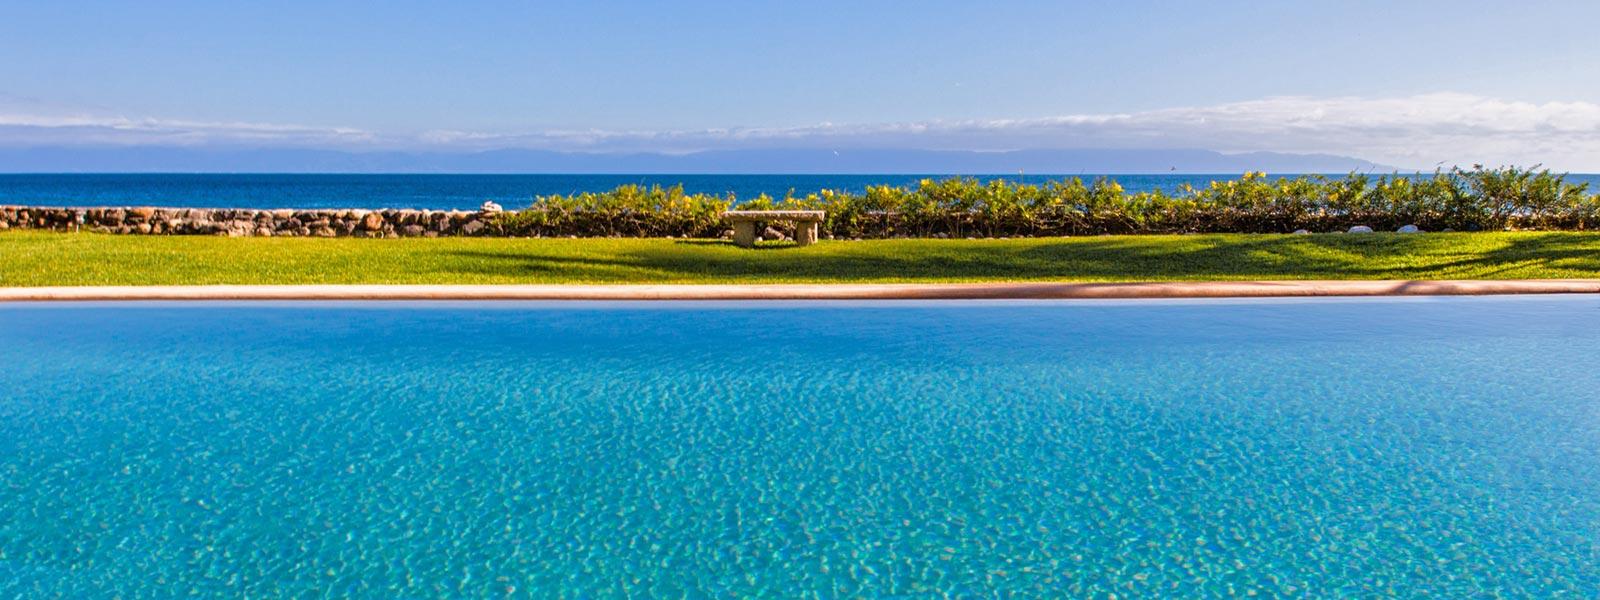 Villa El Farallon 11 - Luxury Beachfront Punta de Mita Real Estate